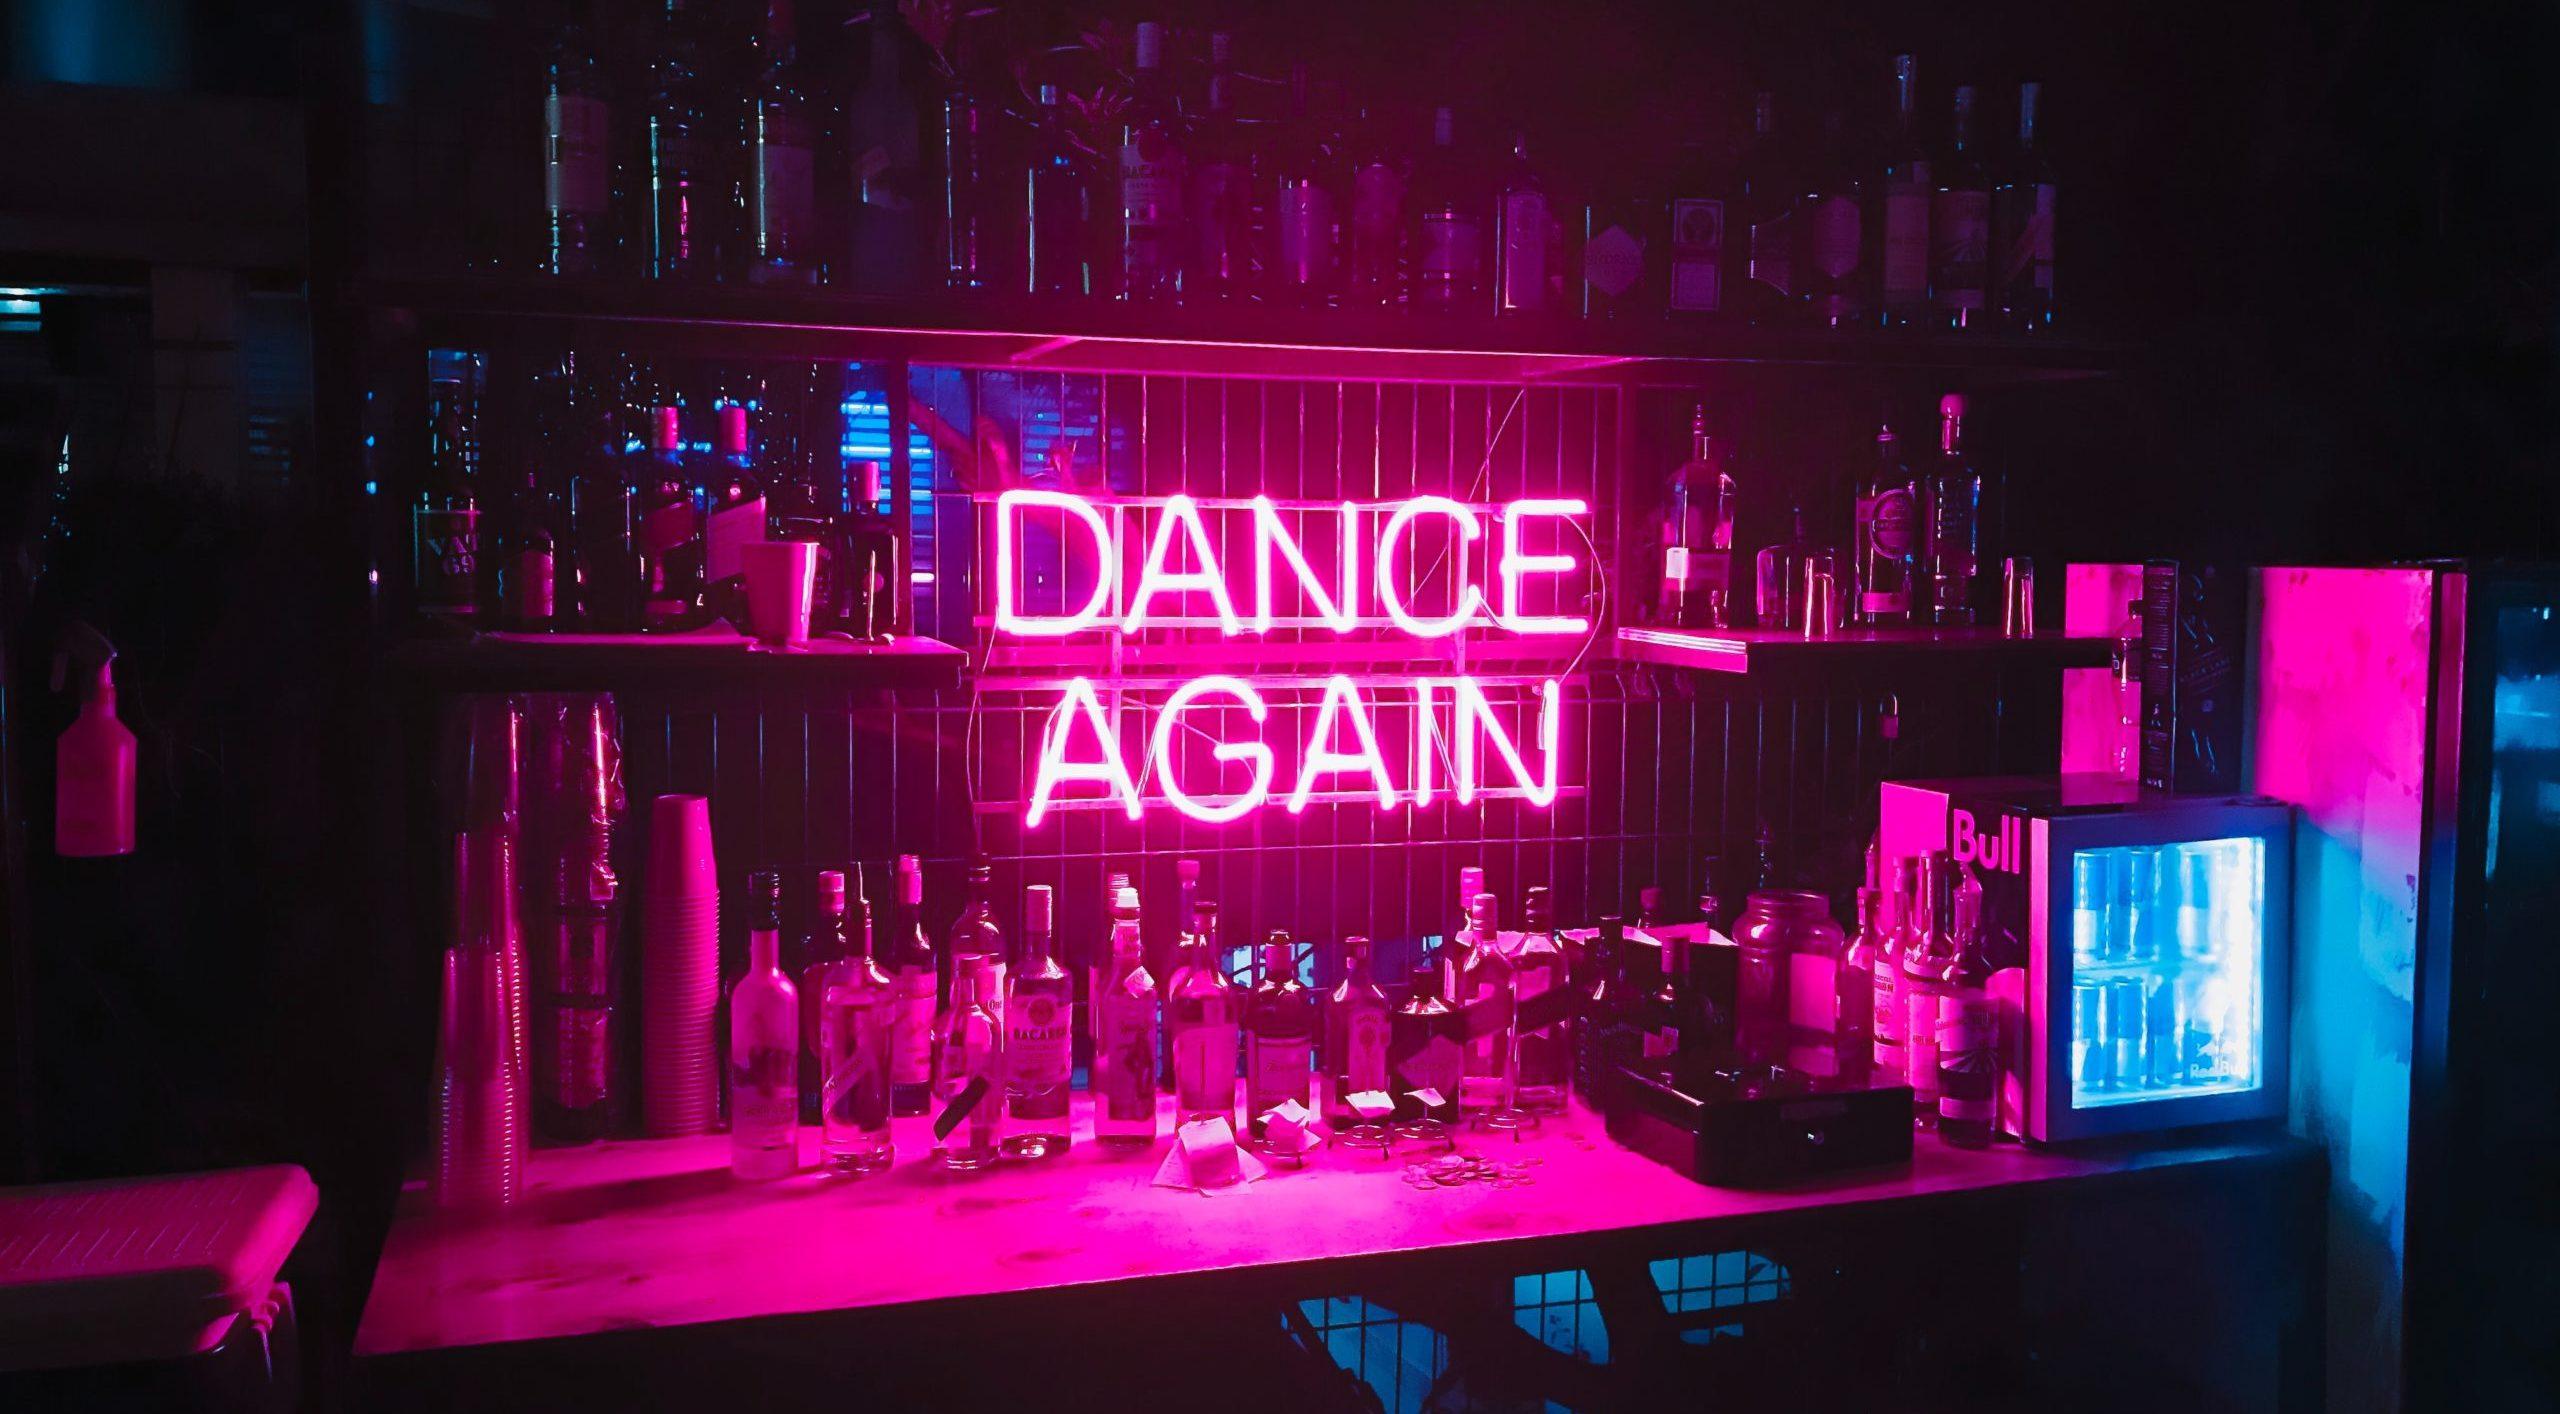 Dance again Schild hinter einer Bar auf einem Event